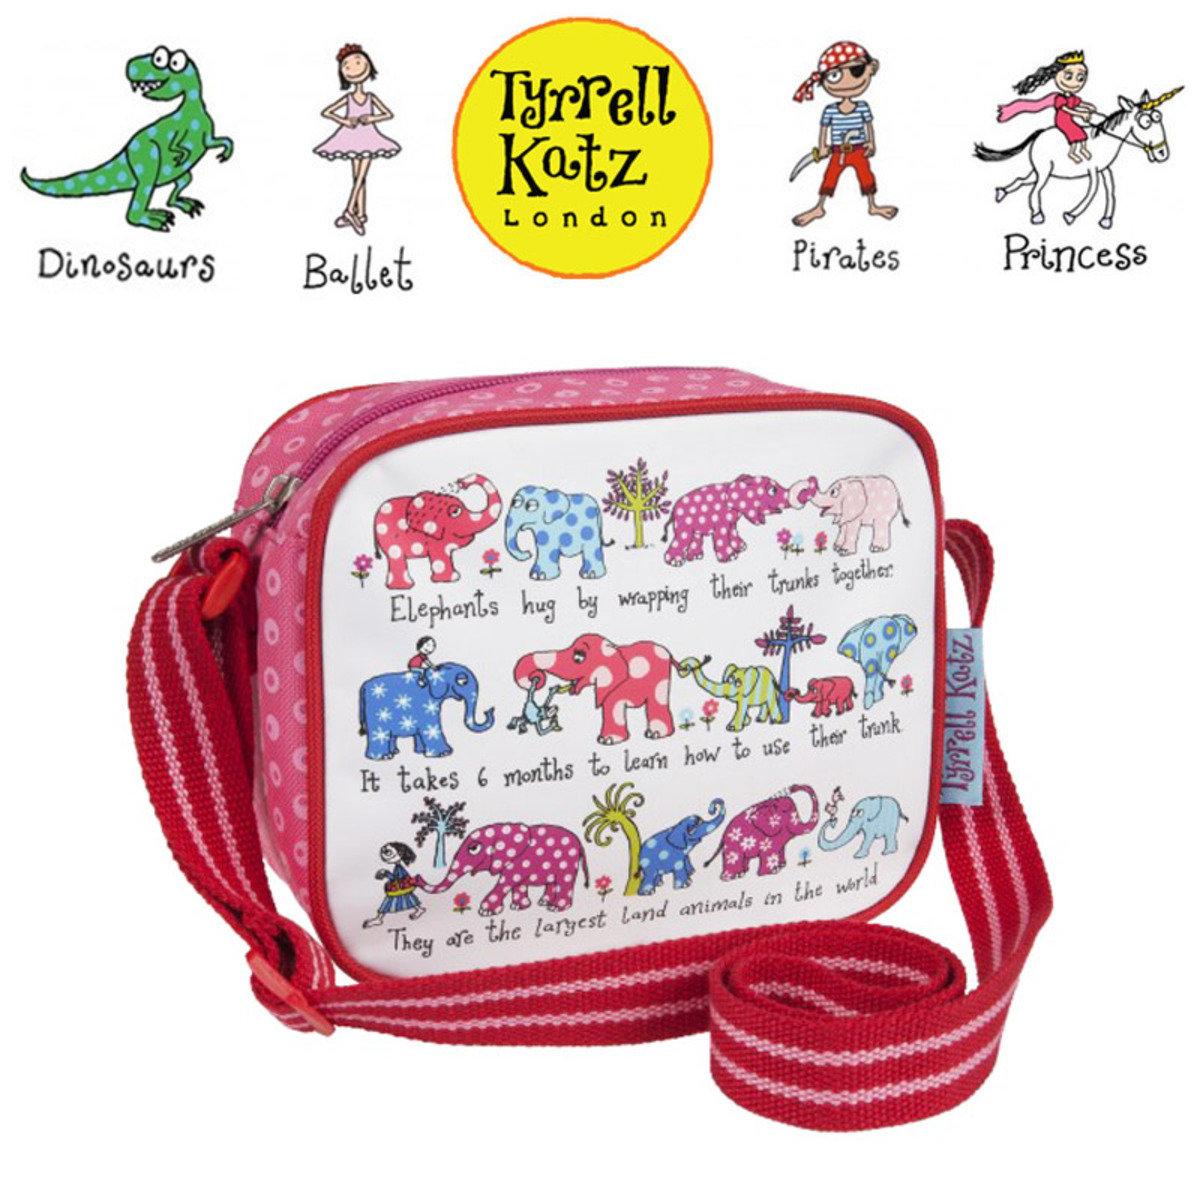 英國品牌幼童側包